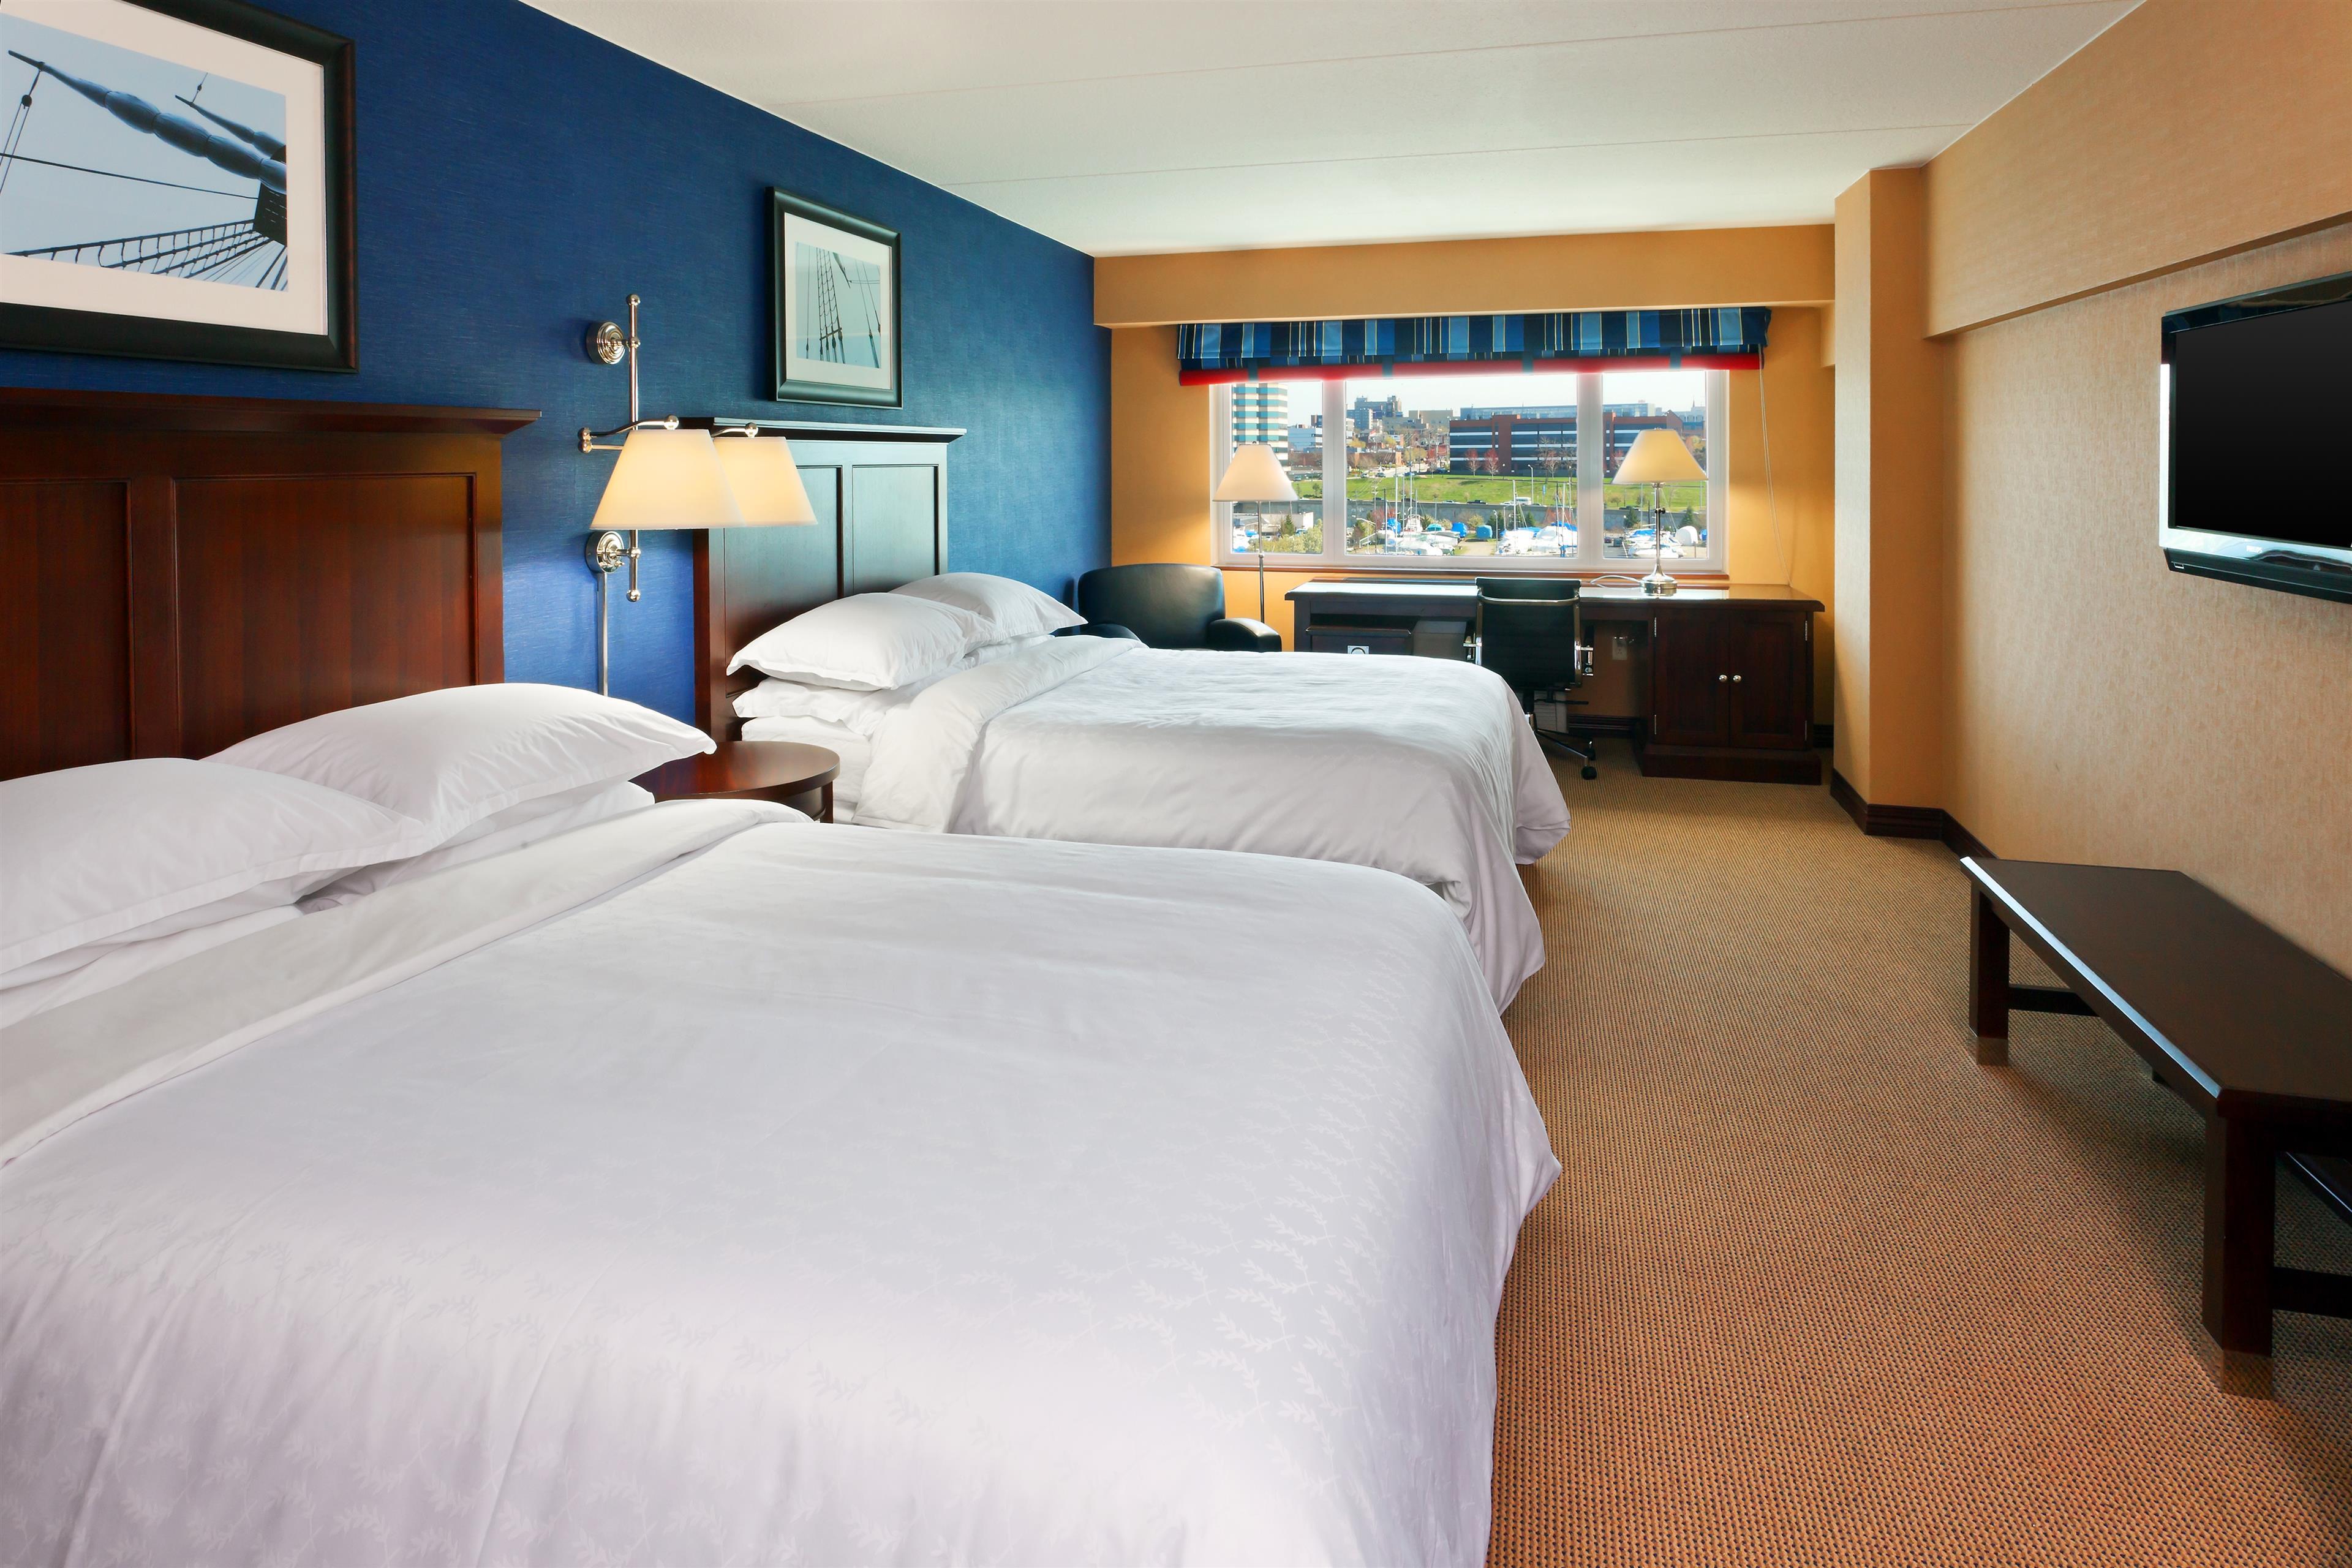 Sheraton Erie Bayfront Hotel image 15